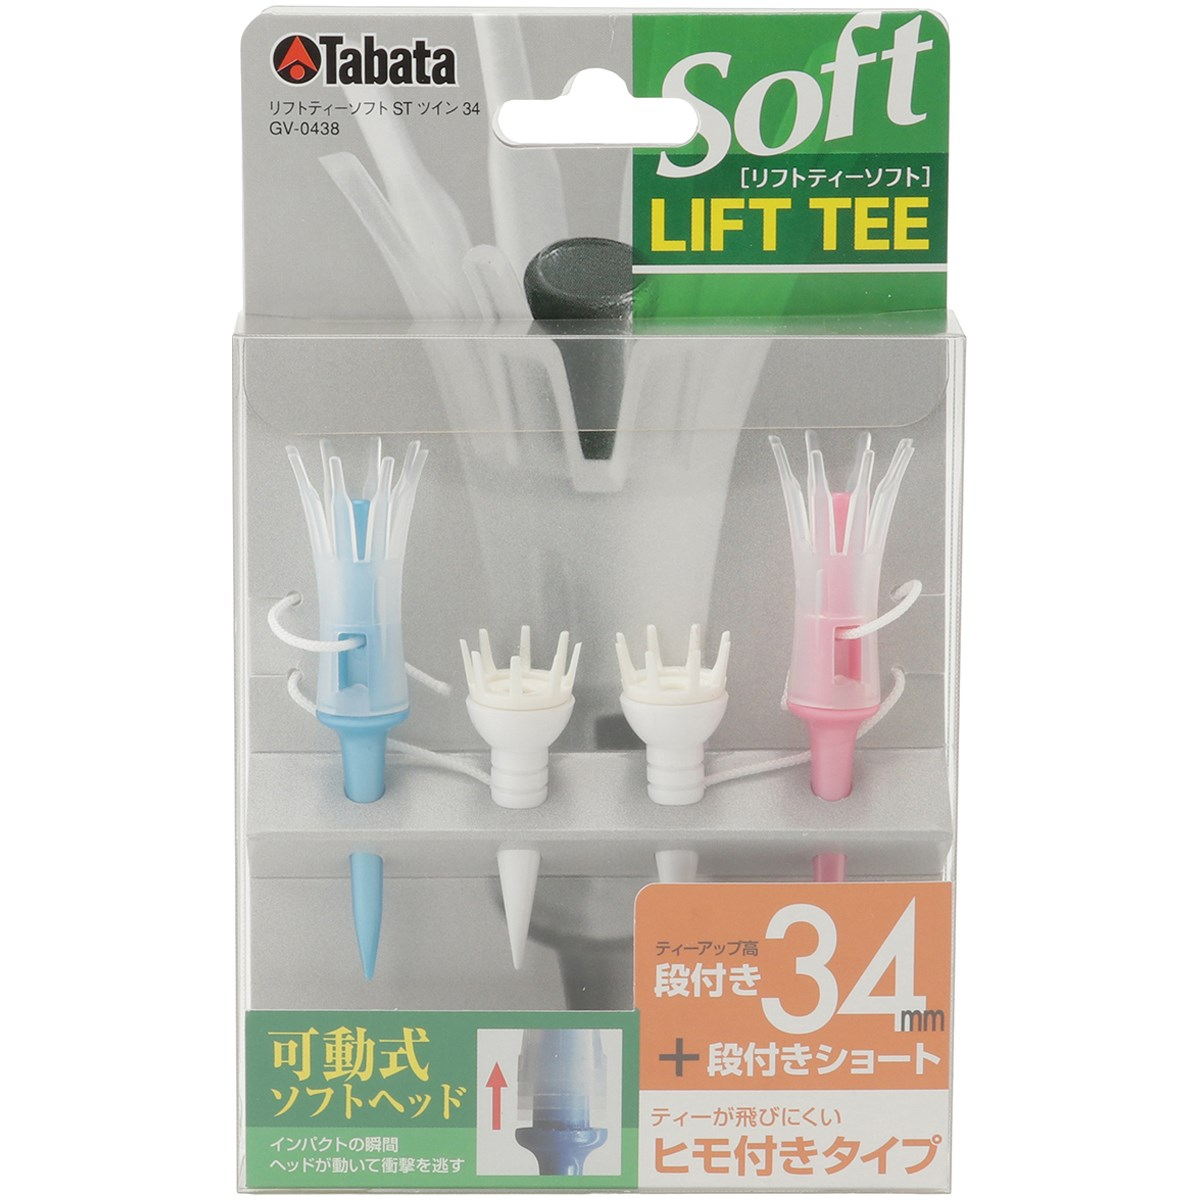 タバタ Tabata ひも付きリフトティーソフトツインレギュラー GV-0438 アソート